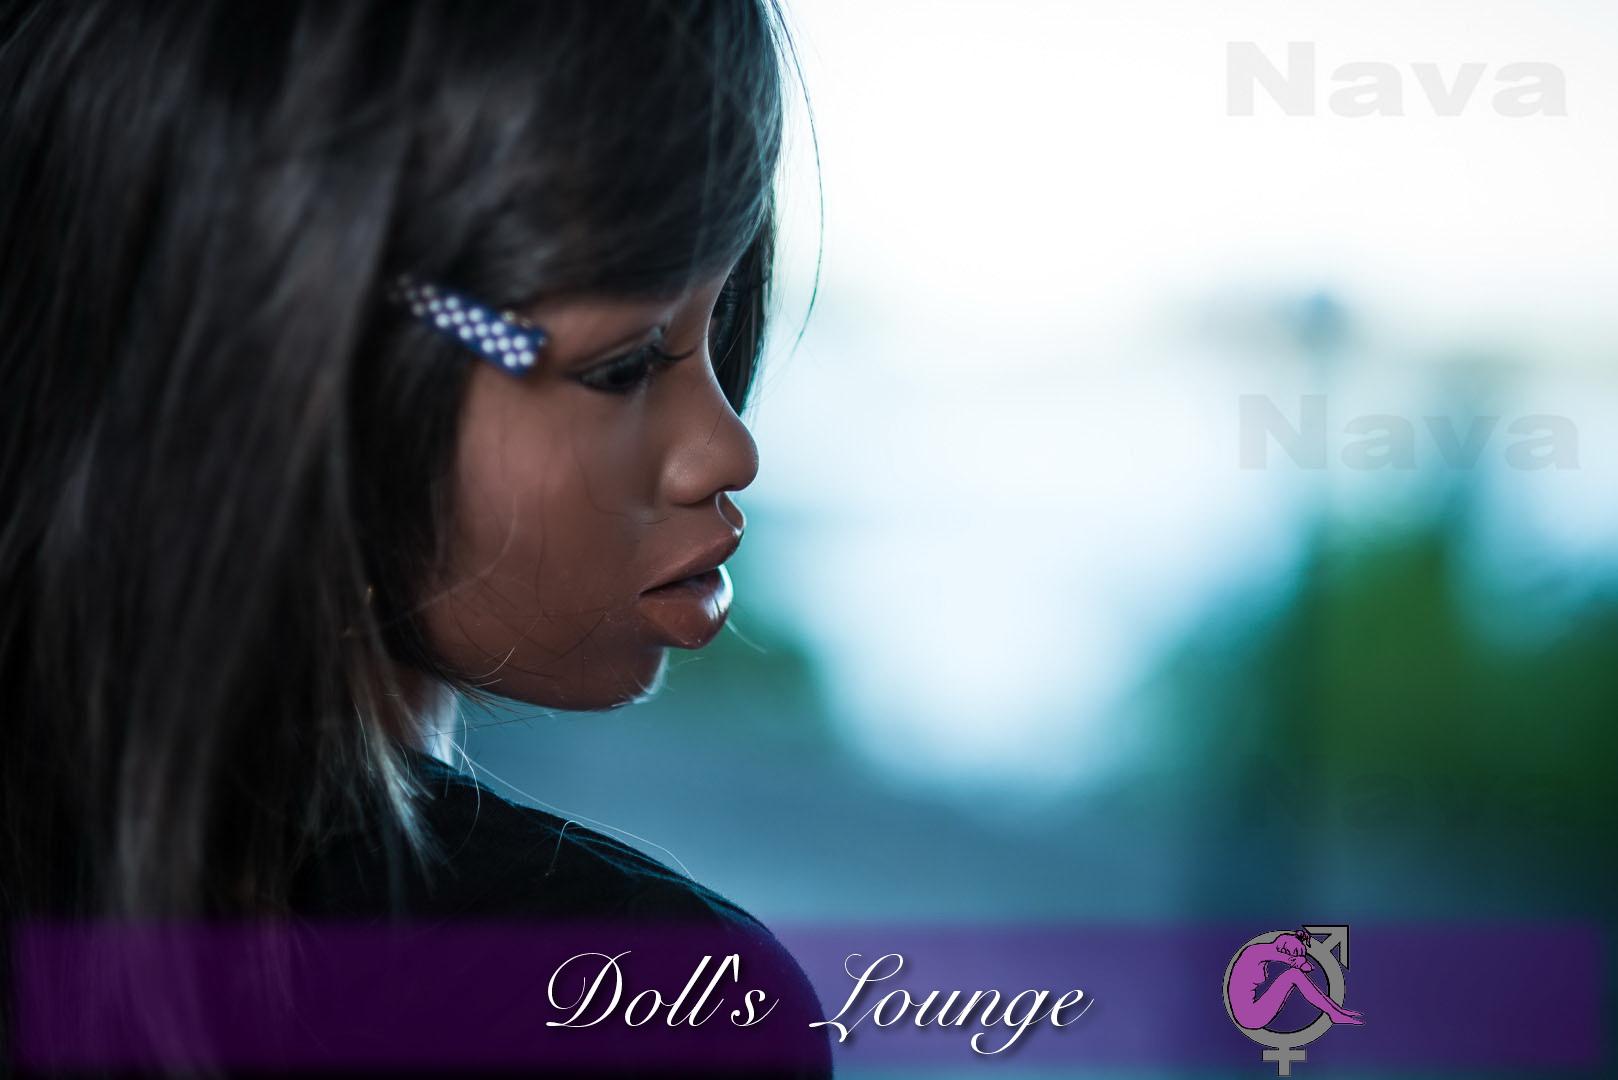 Die von 1AM für WM-Doll gefertigte Ebony Lovedoll Nava besticht durch ihre Einzigartigkeit